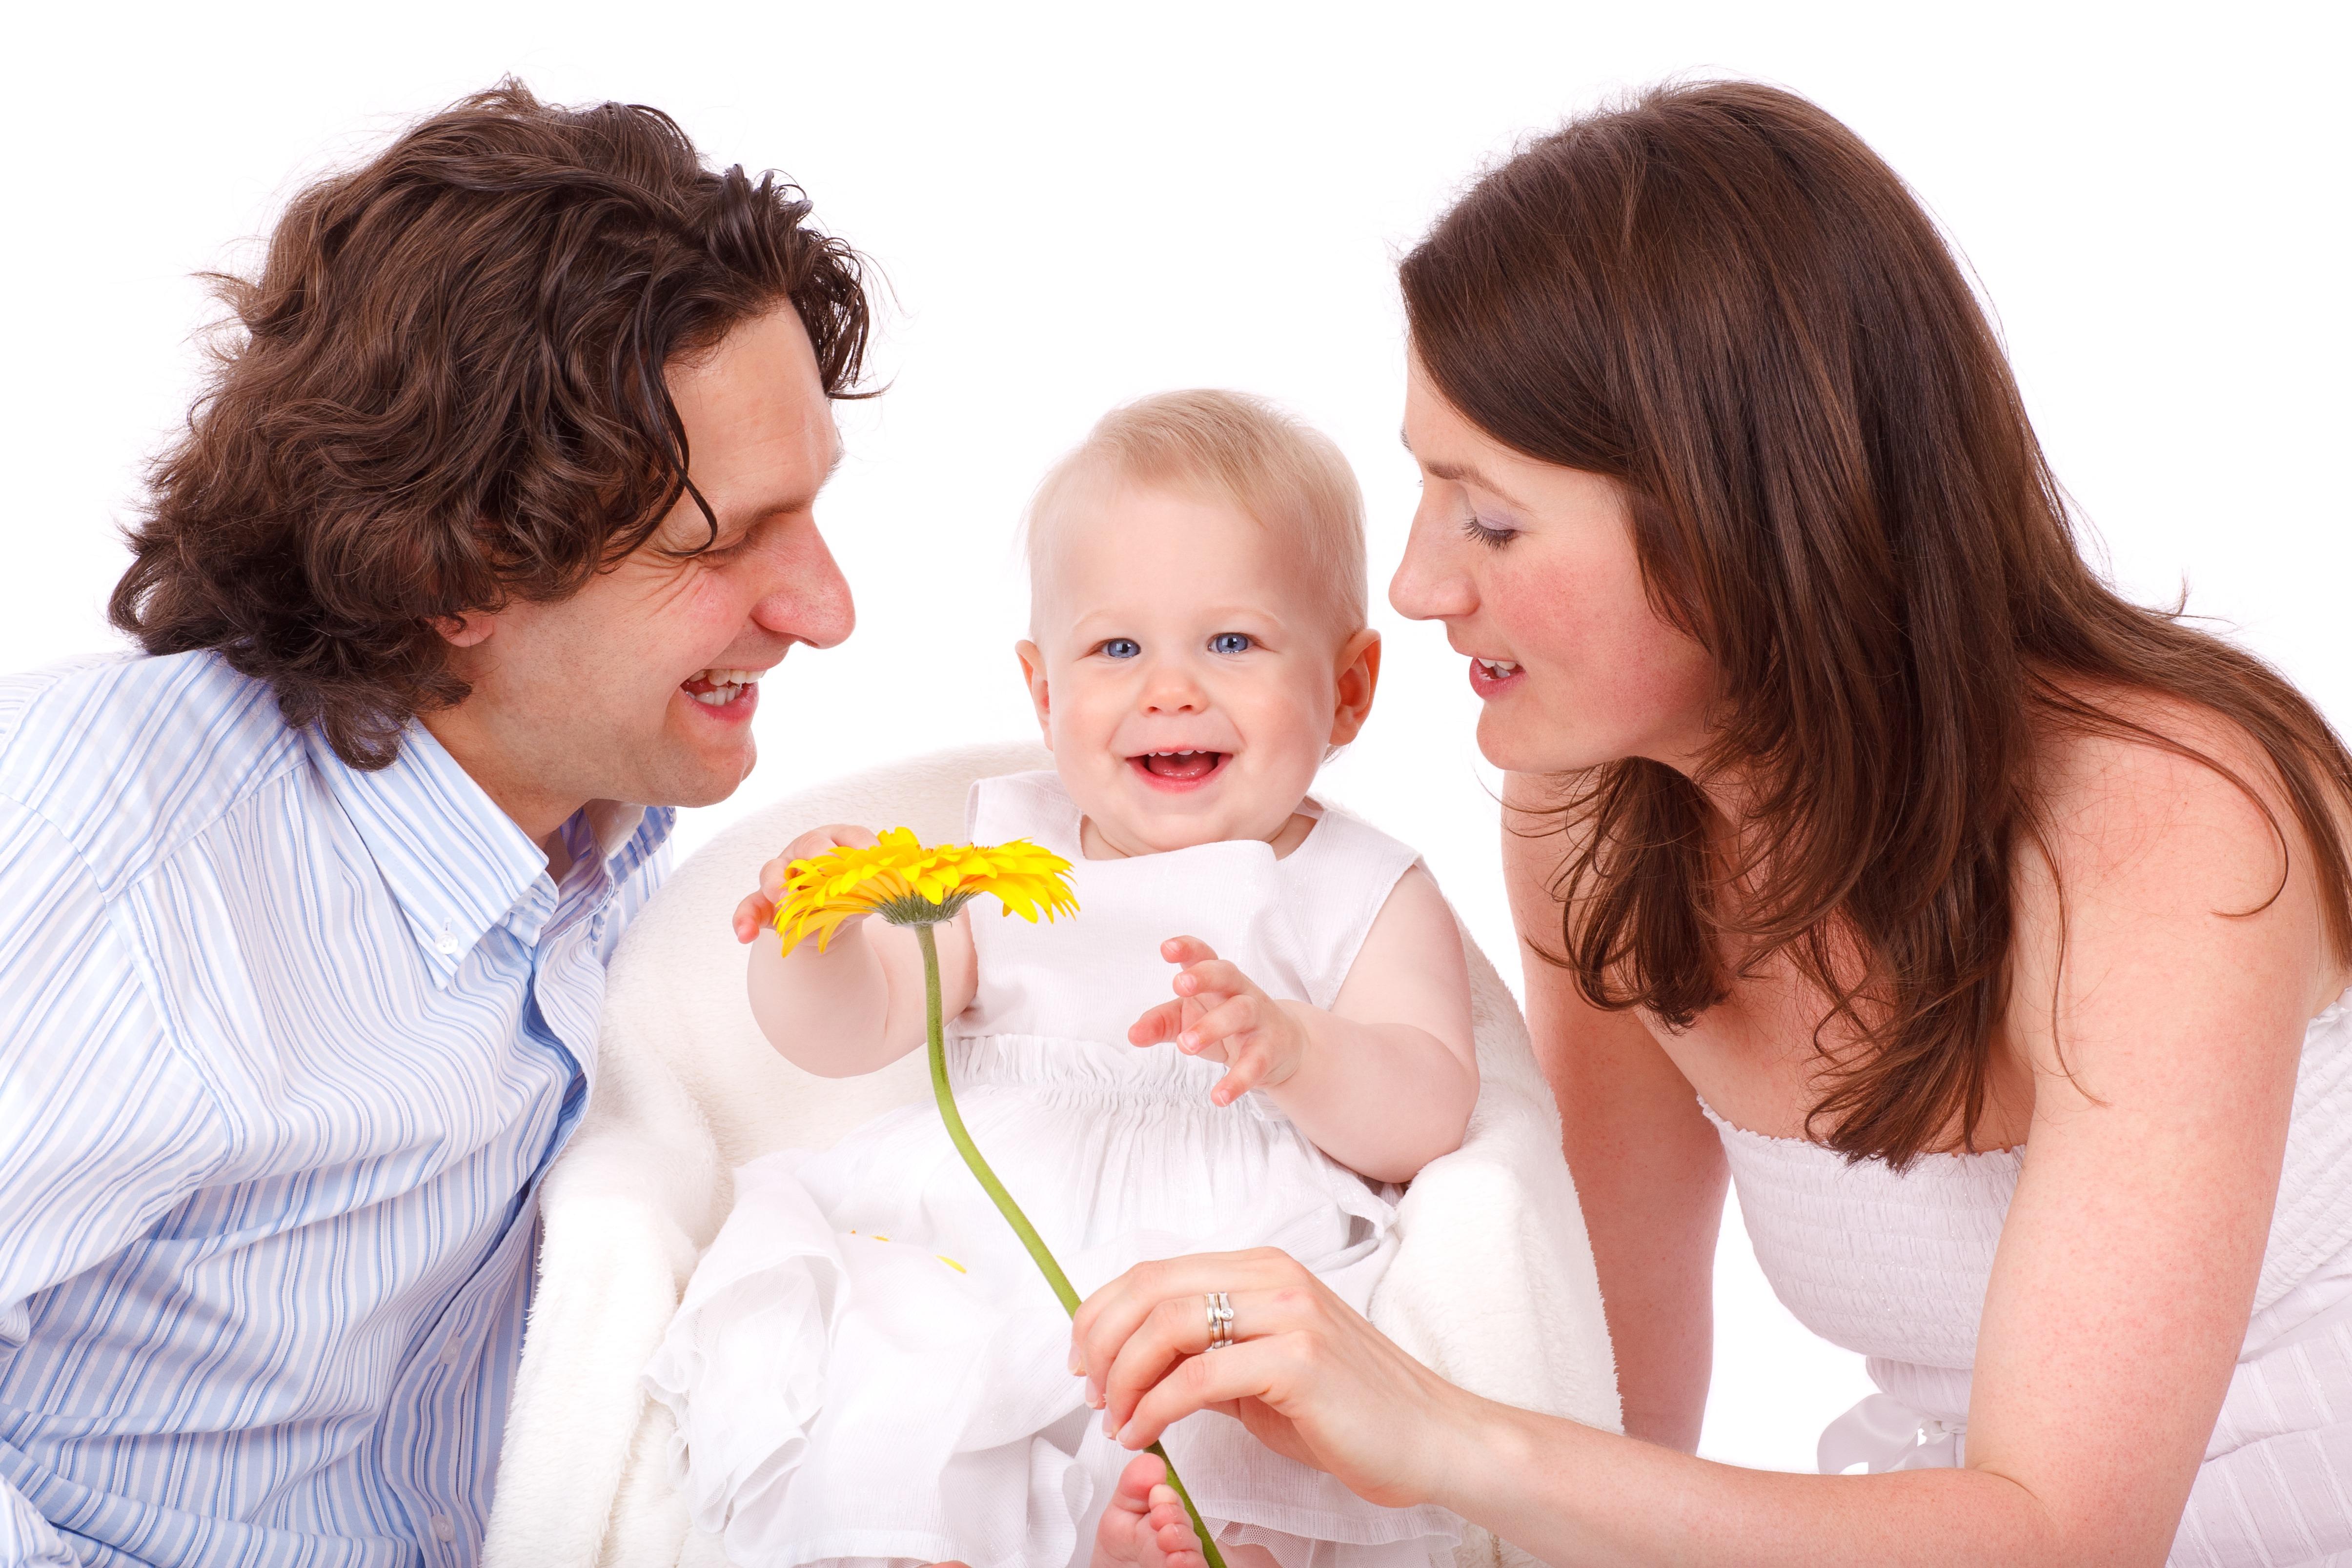 γονική μέριμνα επιμέλεια